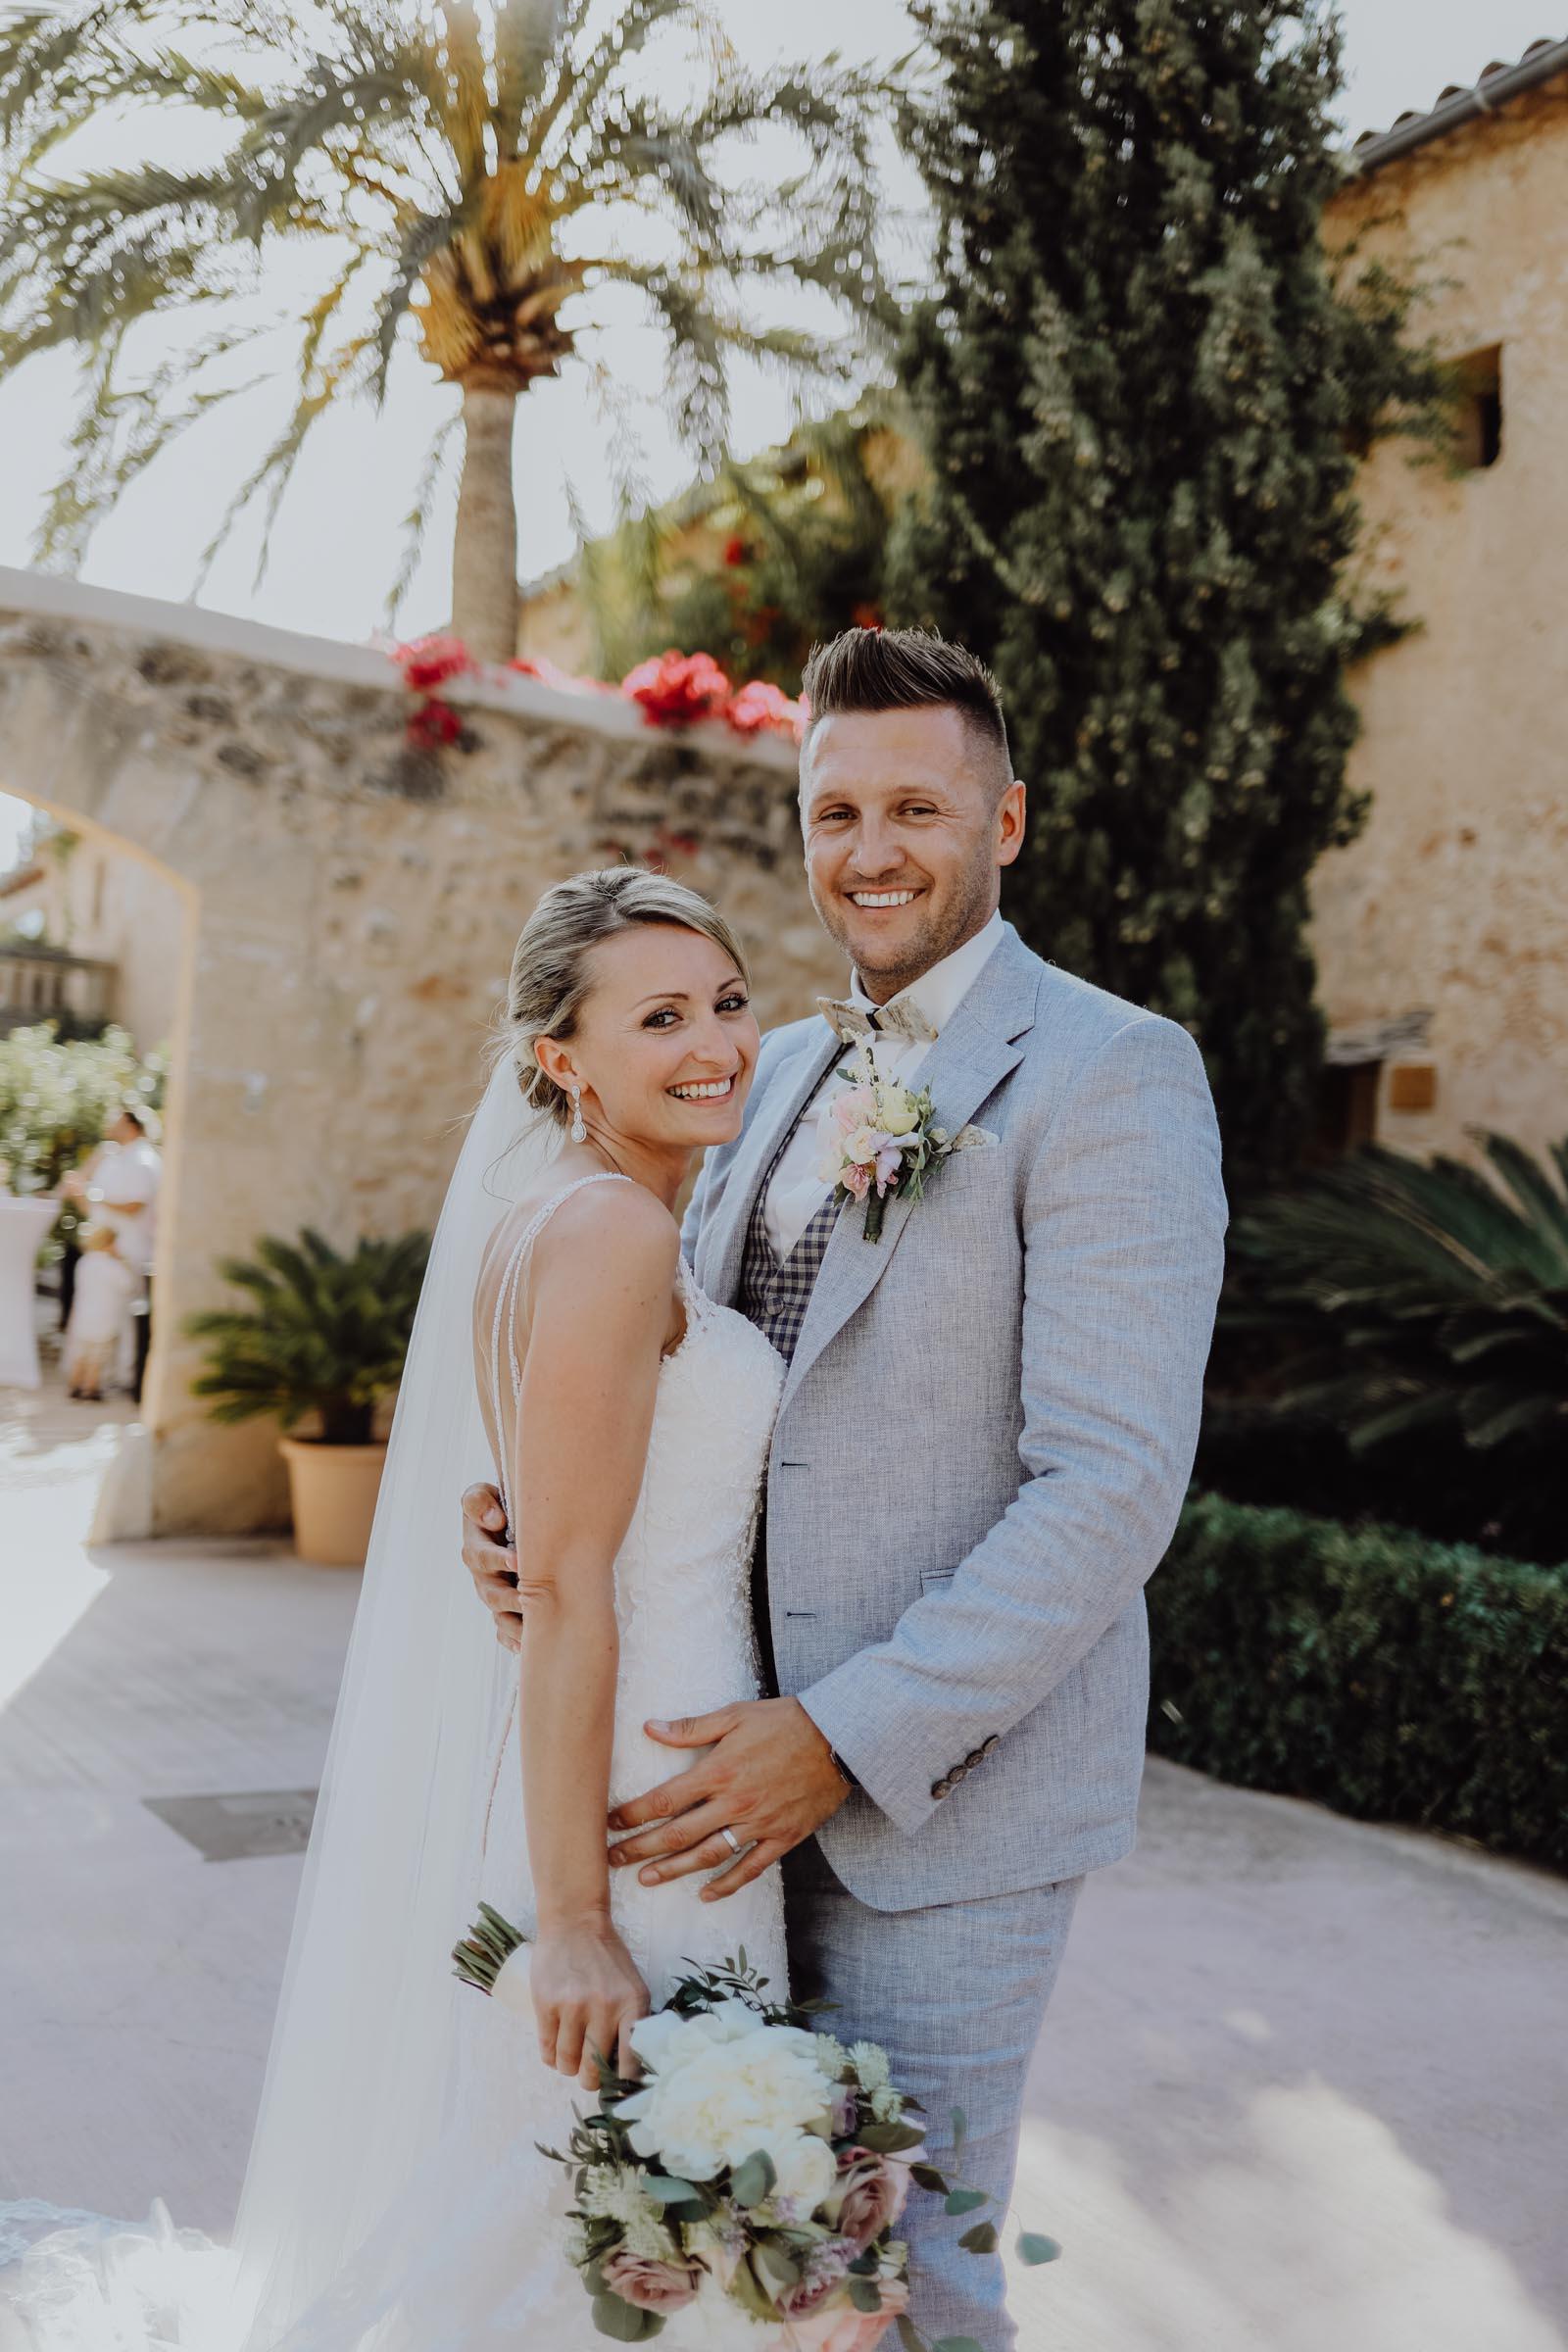 Braut hält einen Brautstrauß und Mann trägt einen Anstecker